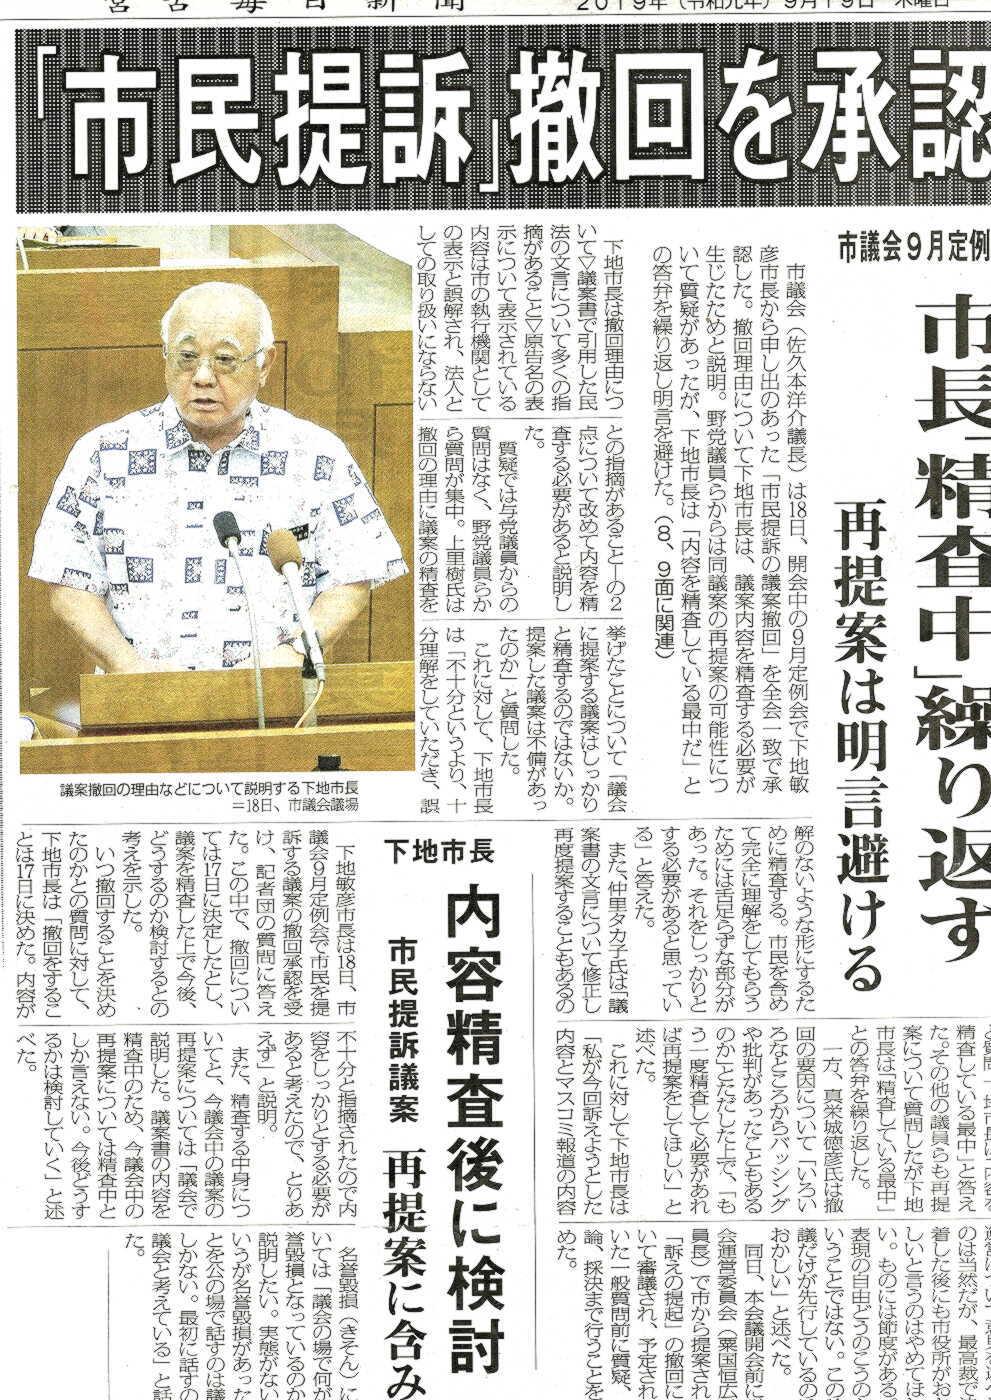 miyakomainichi2019 09191